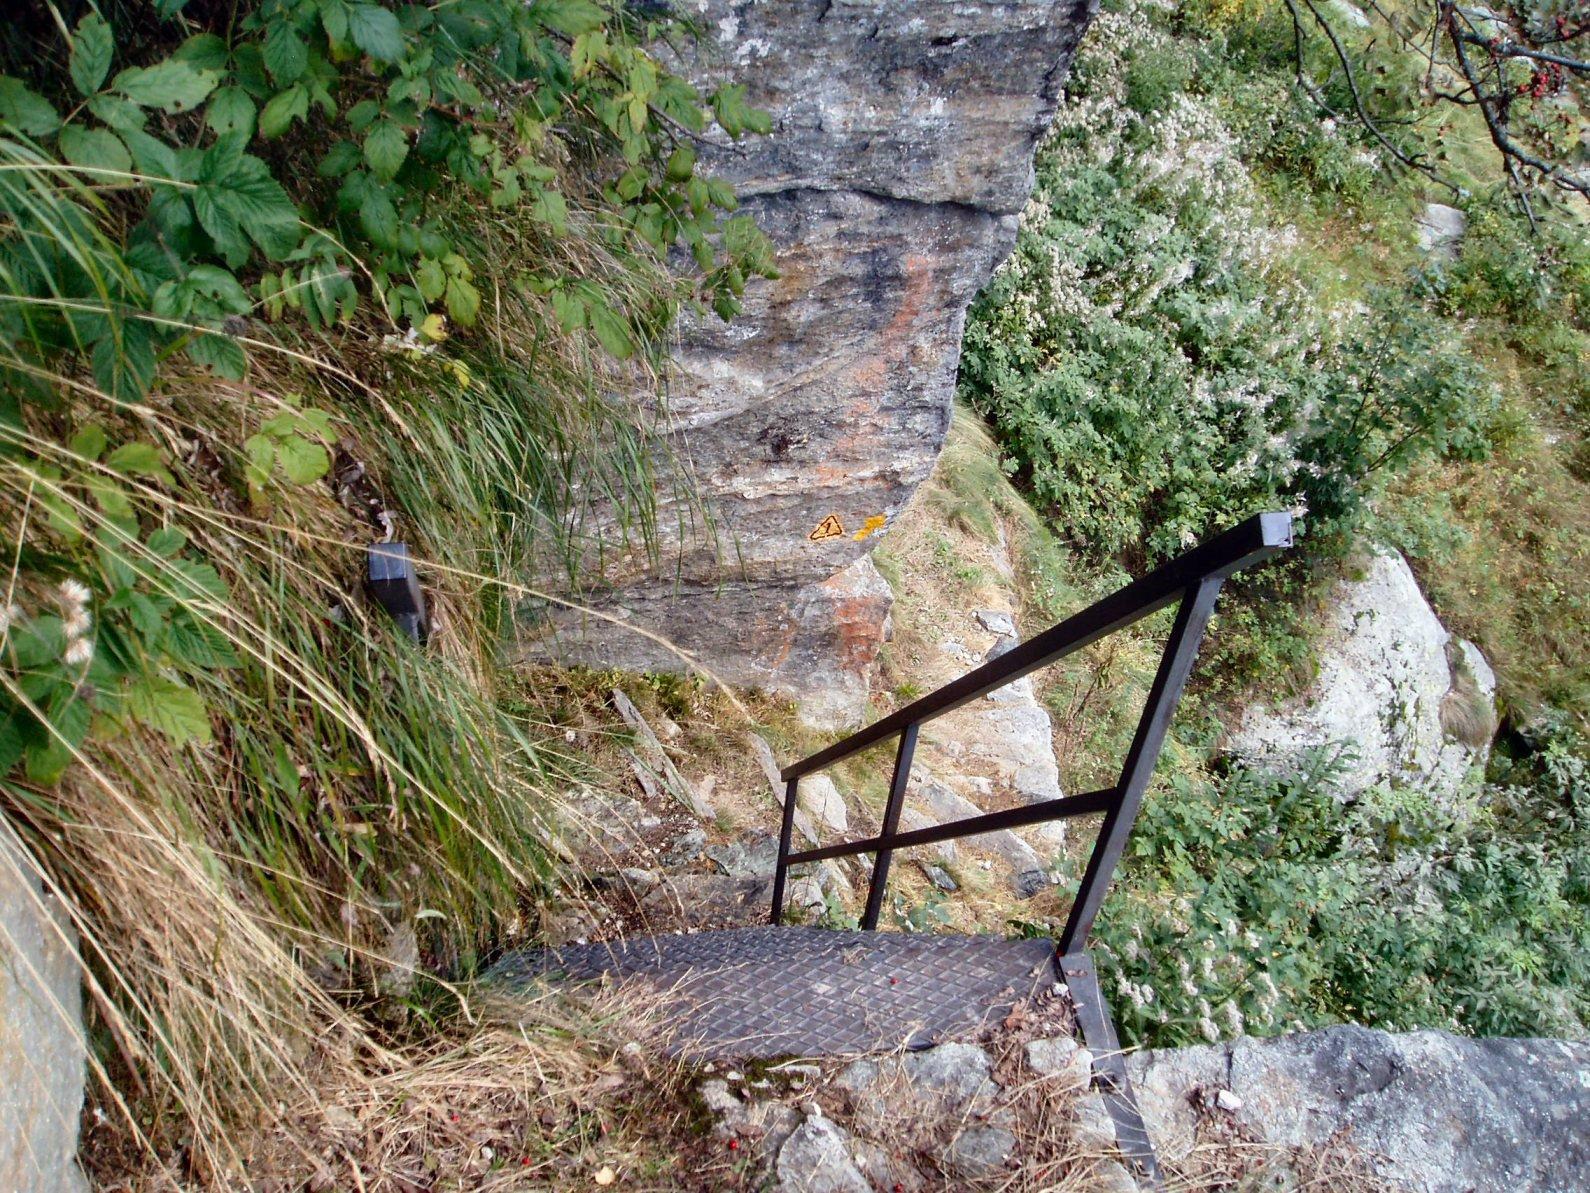 Scaletta in ferro per raggiungere il fondo di un canalone.